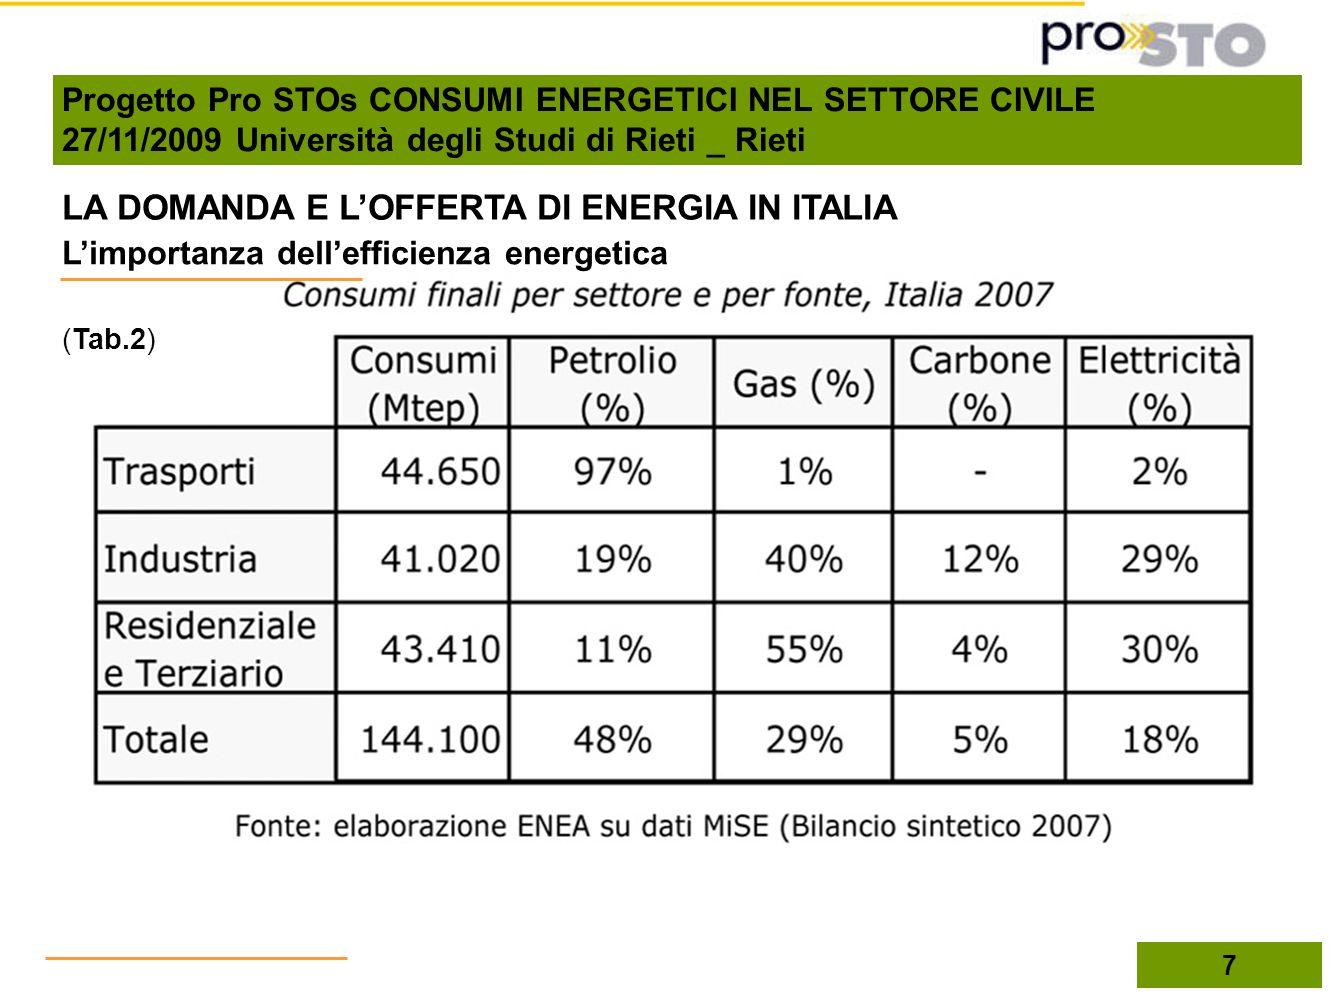 LA DOMANDA E LOFFERTA DI ENERGIA IN ITALIA Limportanza dellefficienza energetica 7 (Tab.2) Progetto Pro STOs CONSUMI ENERGETICI NEL SETTORE CIVILE 27/